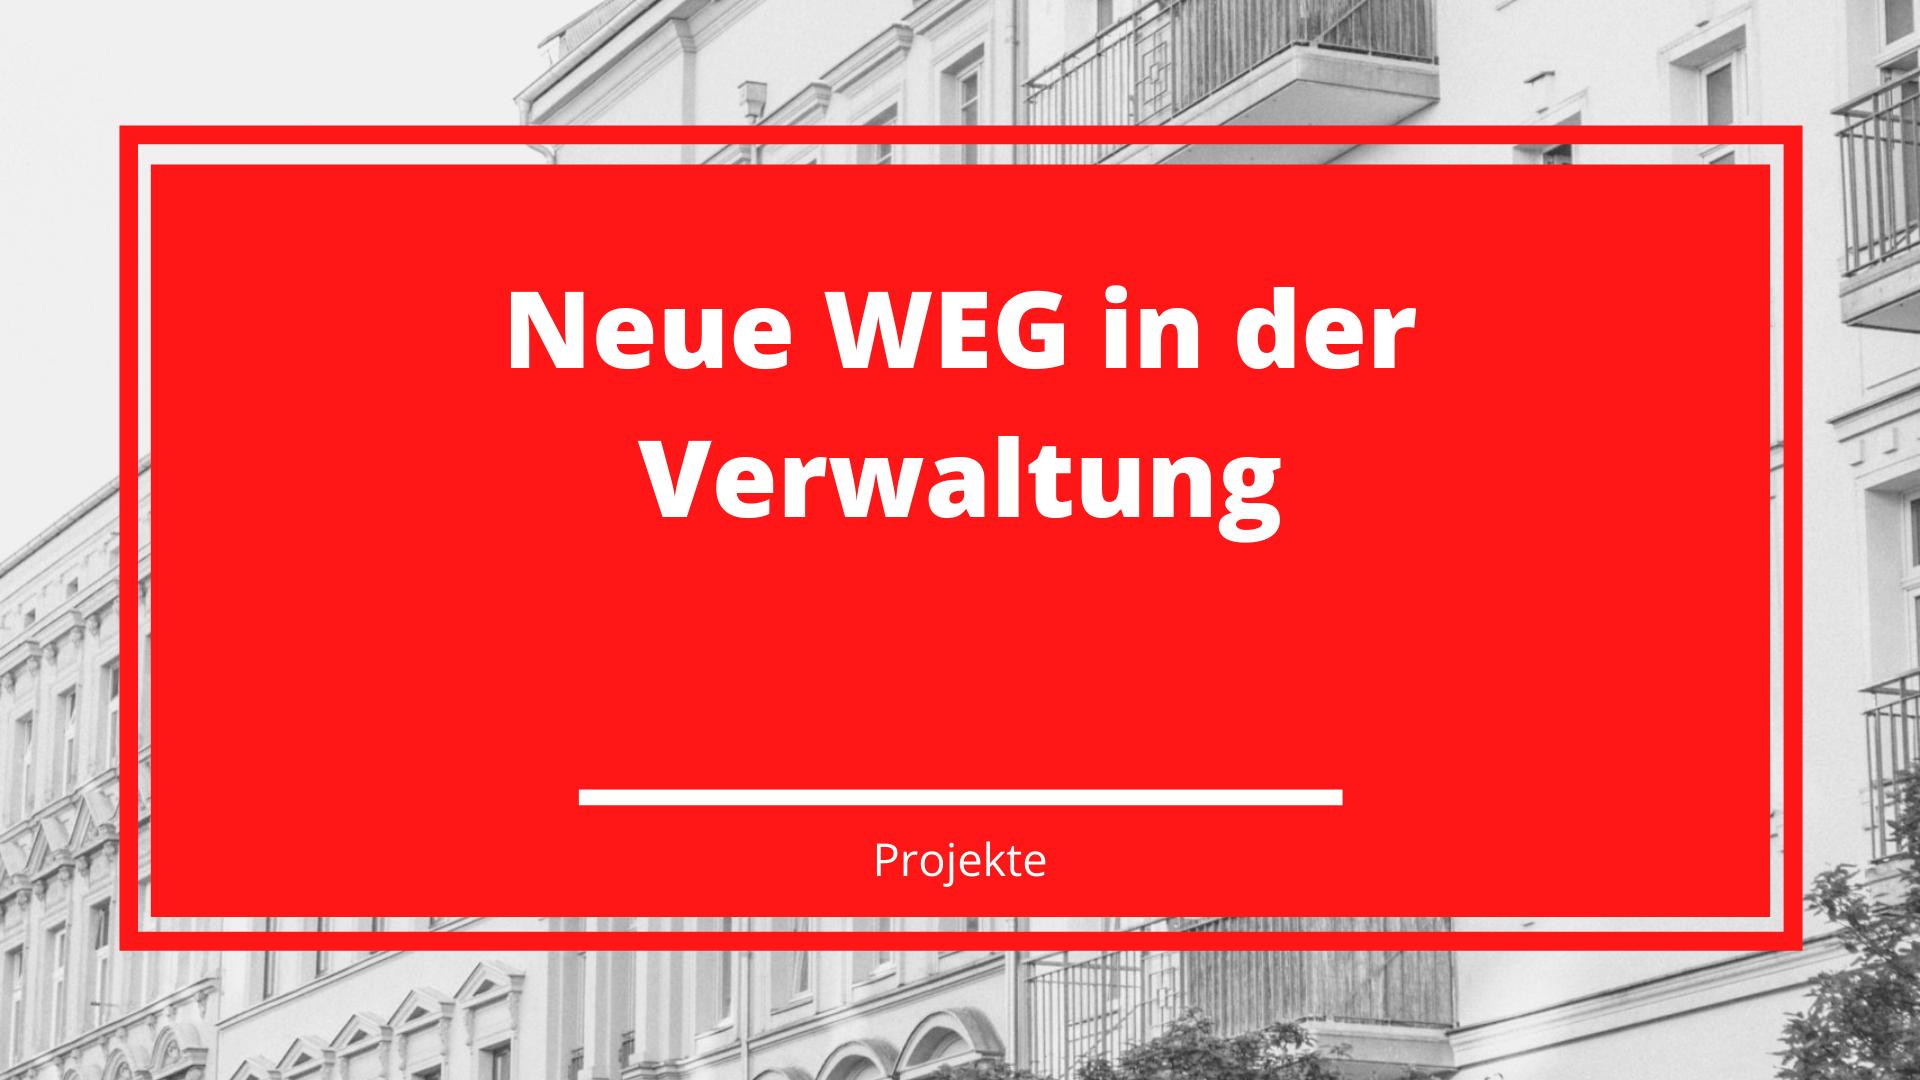 Neue WEG in der Verwaltung